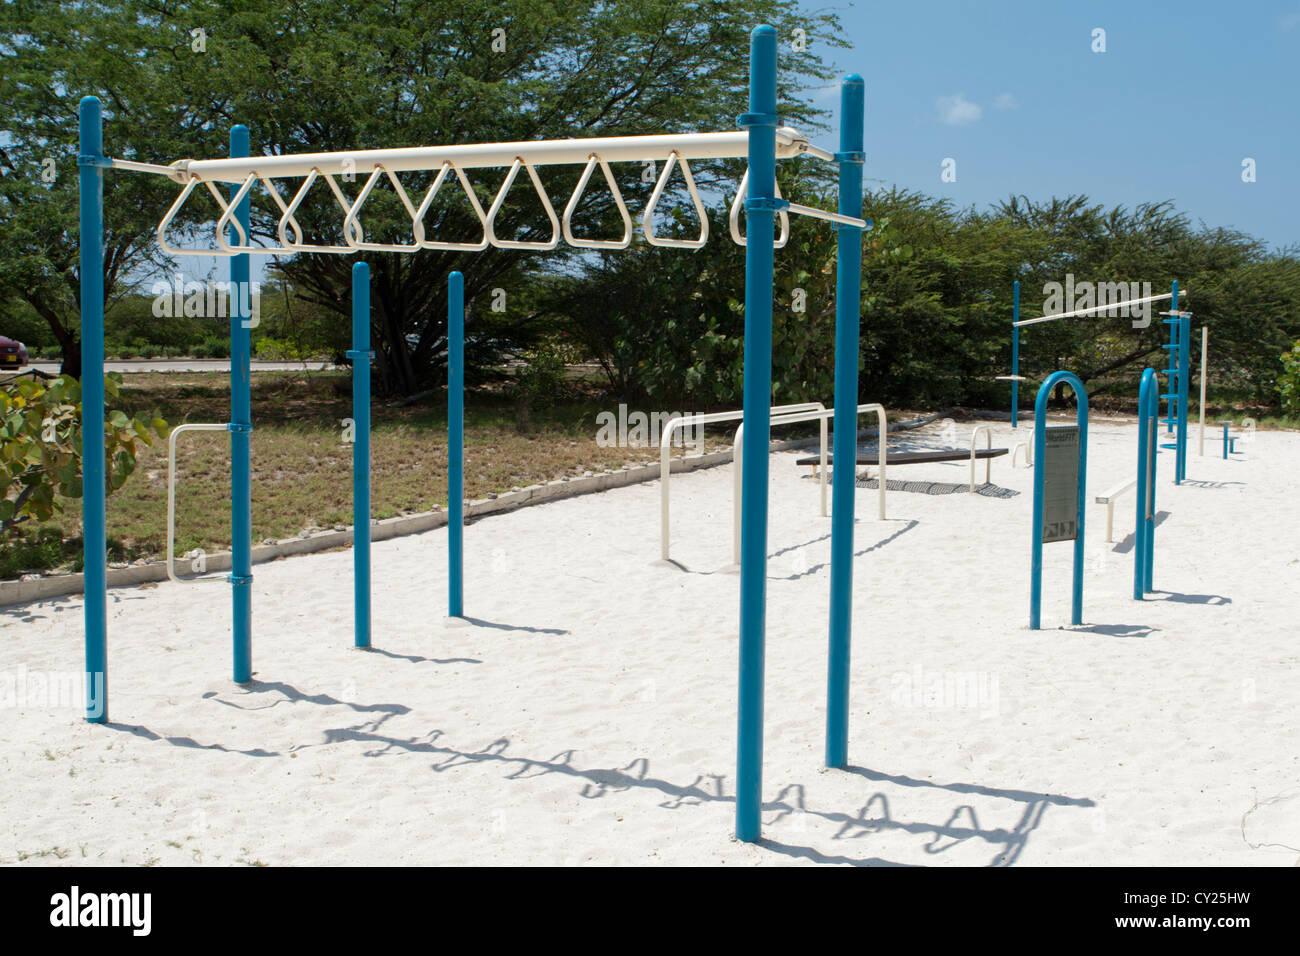 L'équipement d'exercice en plein air Photo Stock